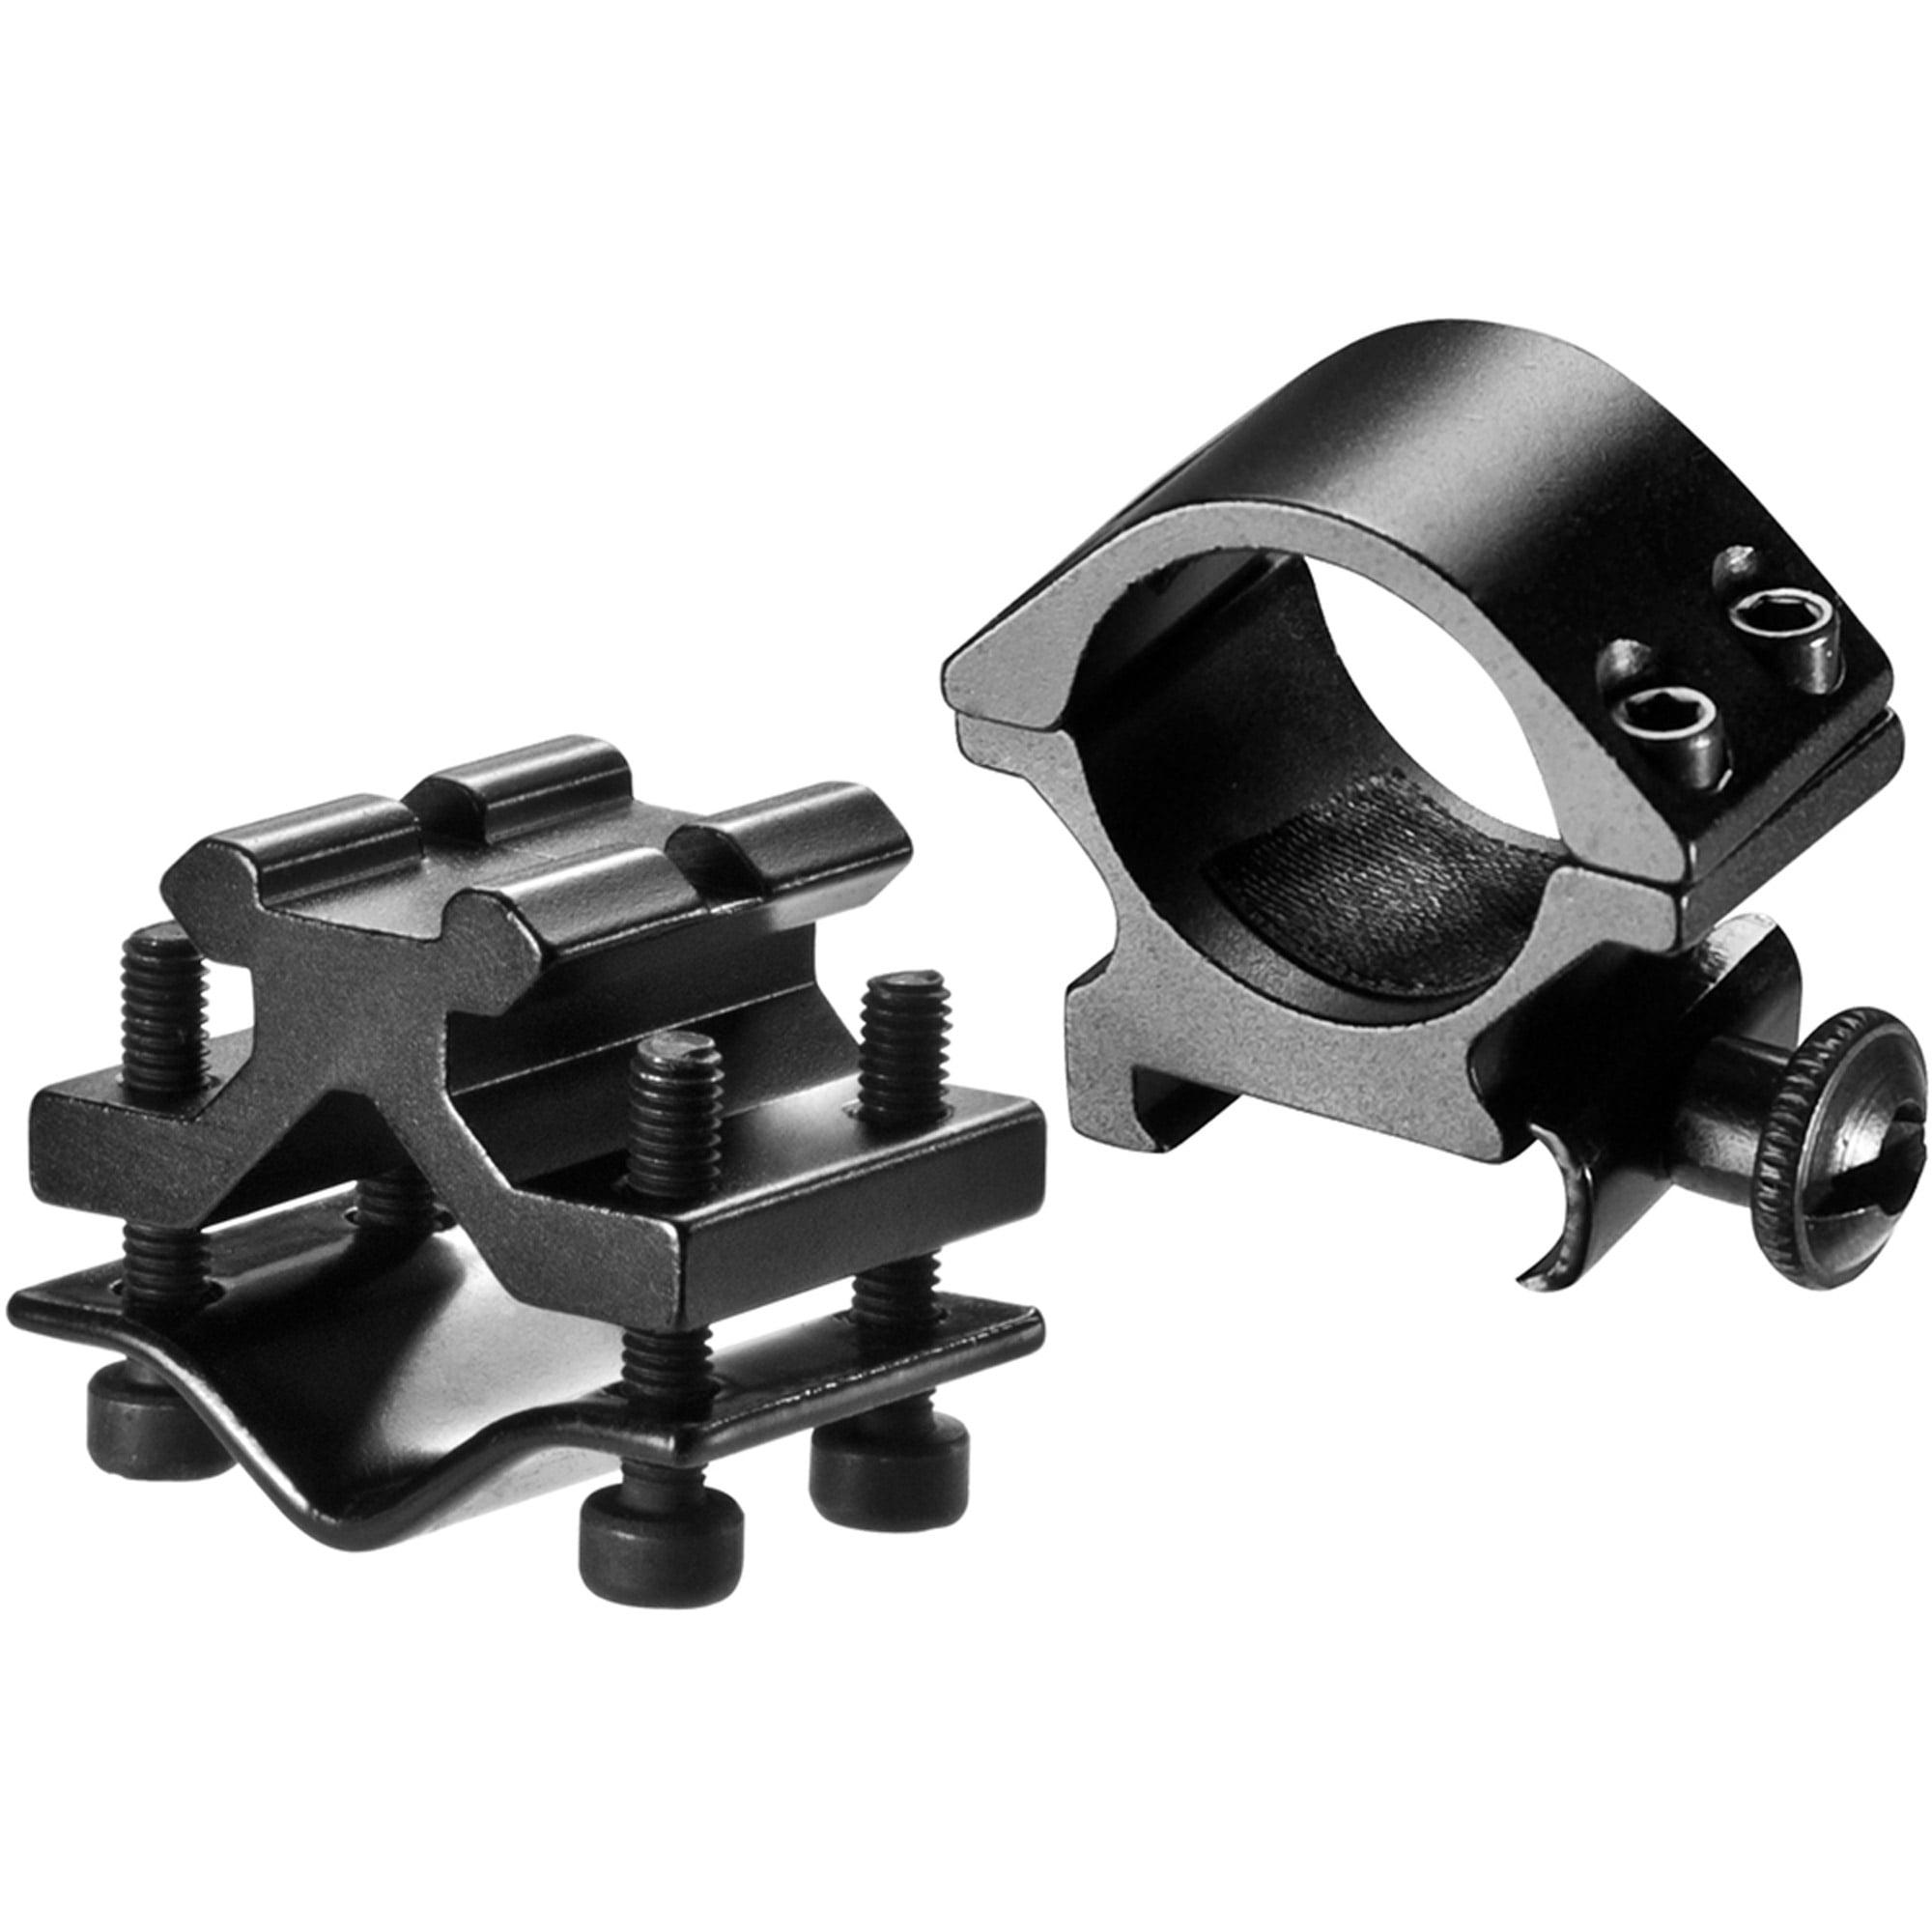 Barska Optics Shotgun Ring Mount